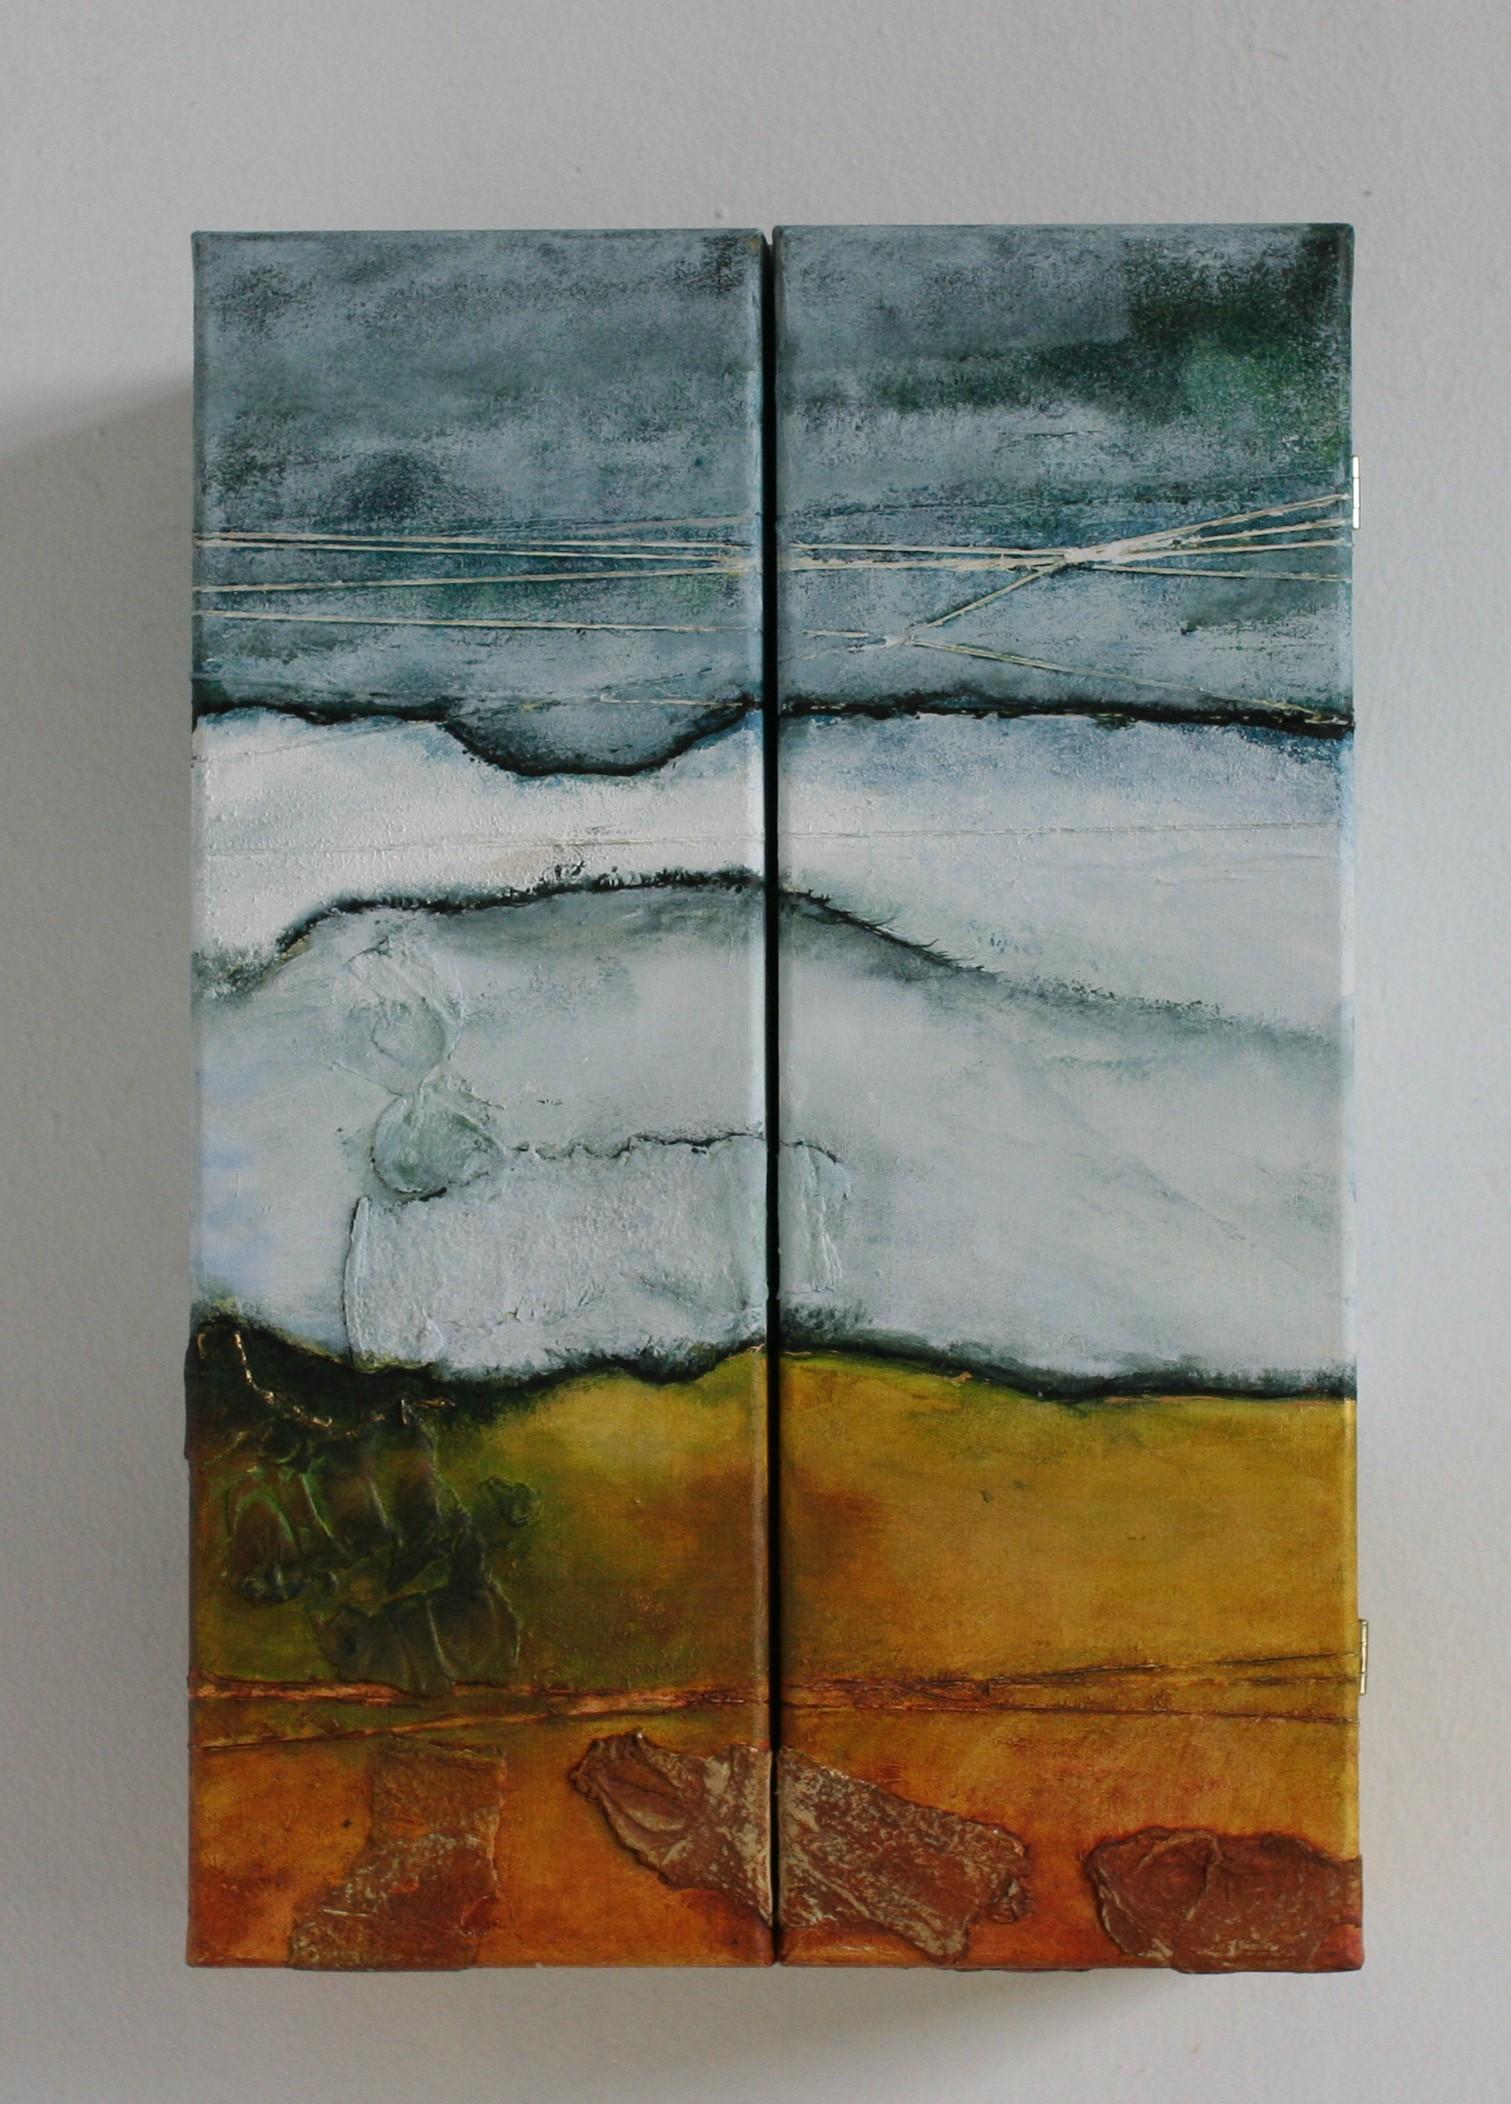 Koesterkastje-60x40x30 cm